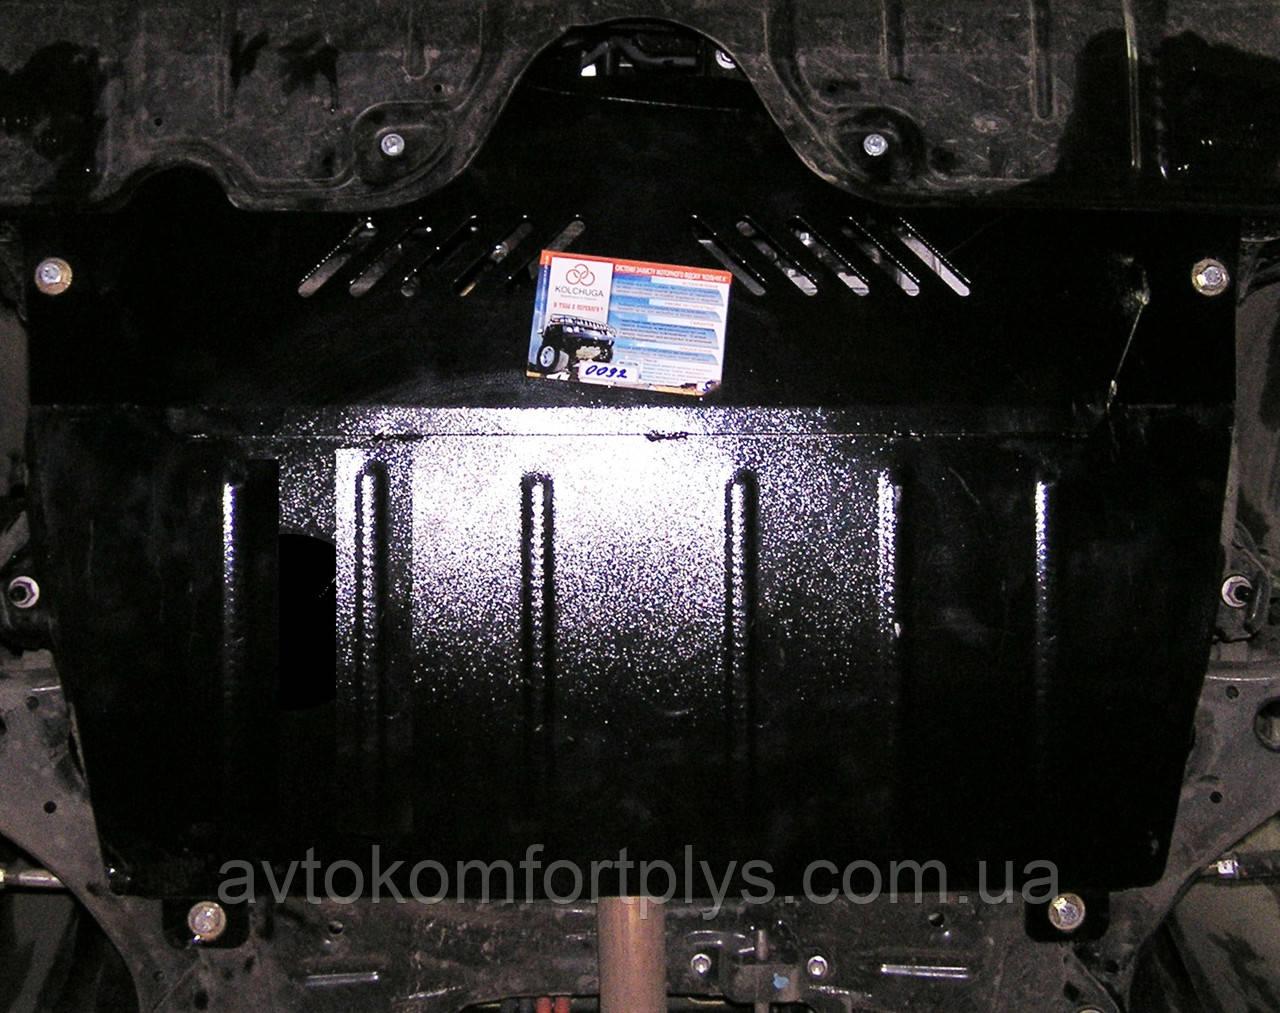 Металлическая (стальная) защита двигателя (картера) Toyota Camry XV30 (2002-2006) (все обьемы)